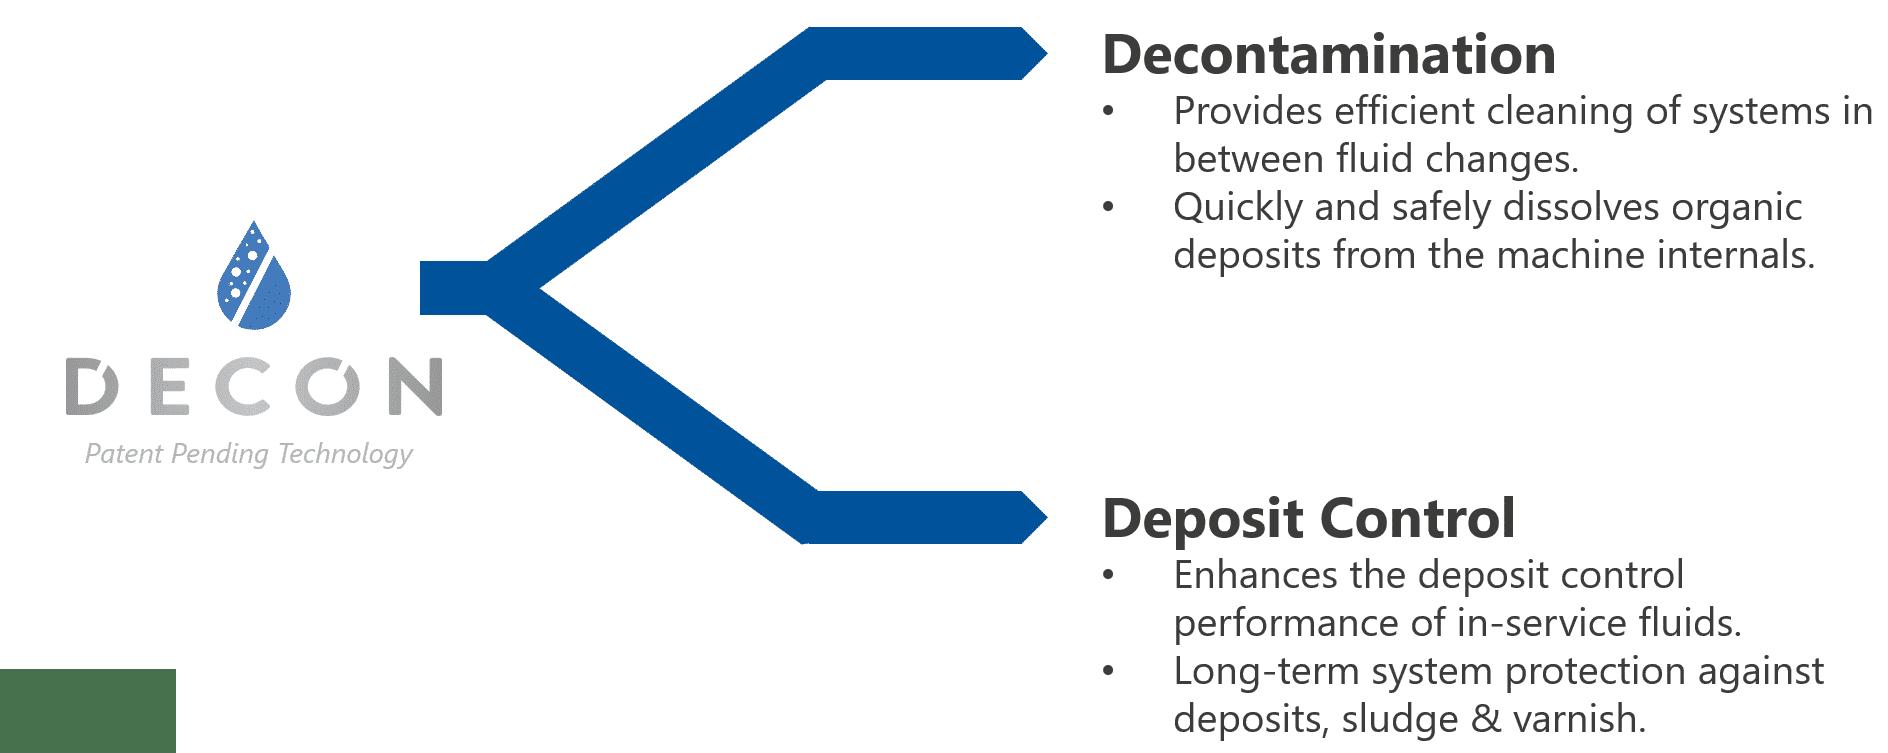 DECON_Decontaminate_Deposit_Control